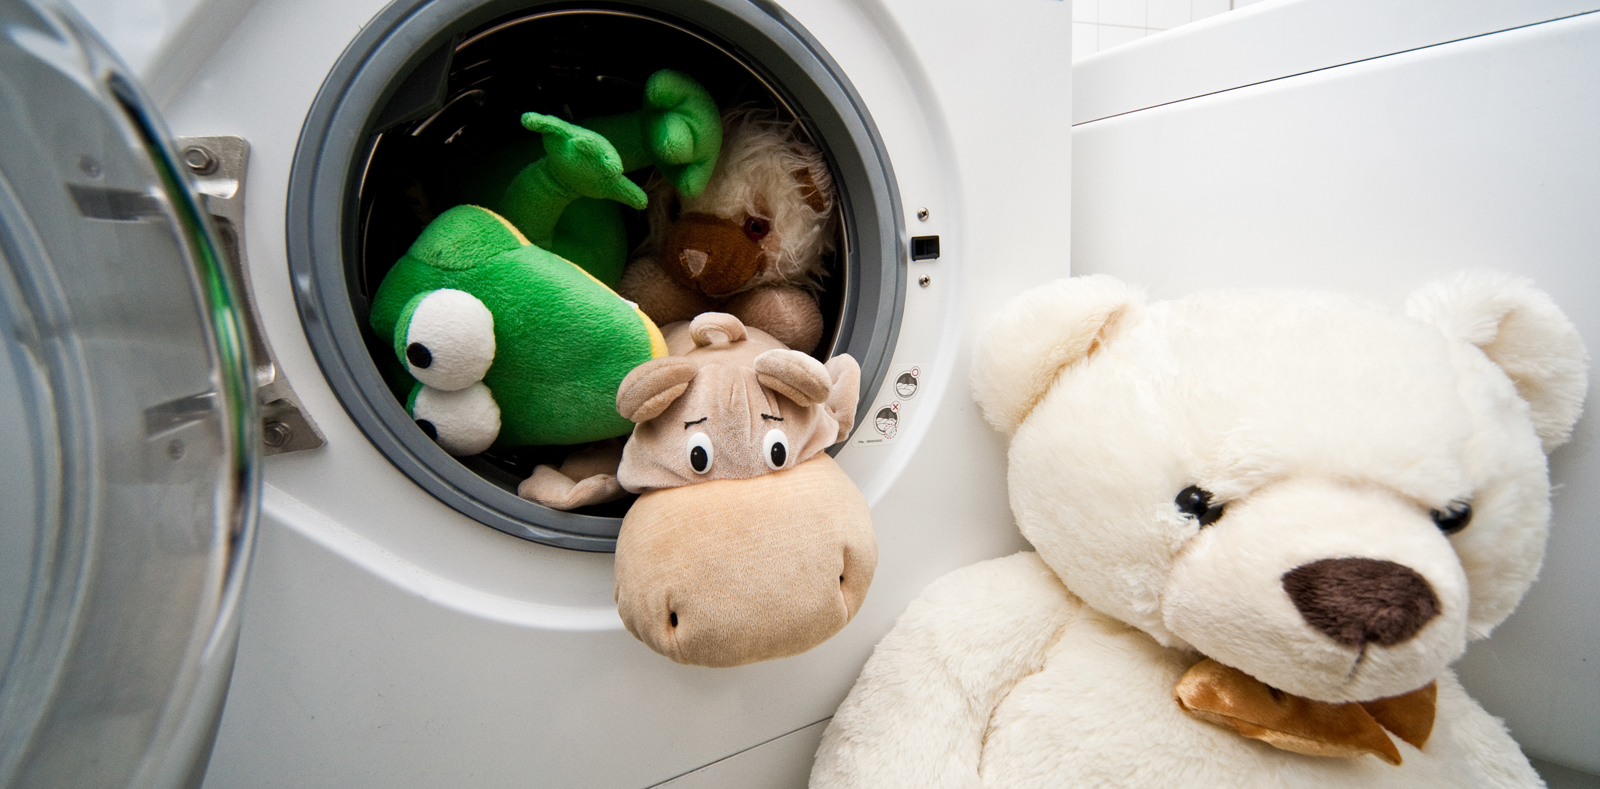 wie entsorge ich eigentlich meine waschmaschine richtig. Black Bedroom Furniture Sets. Home Design Ideas